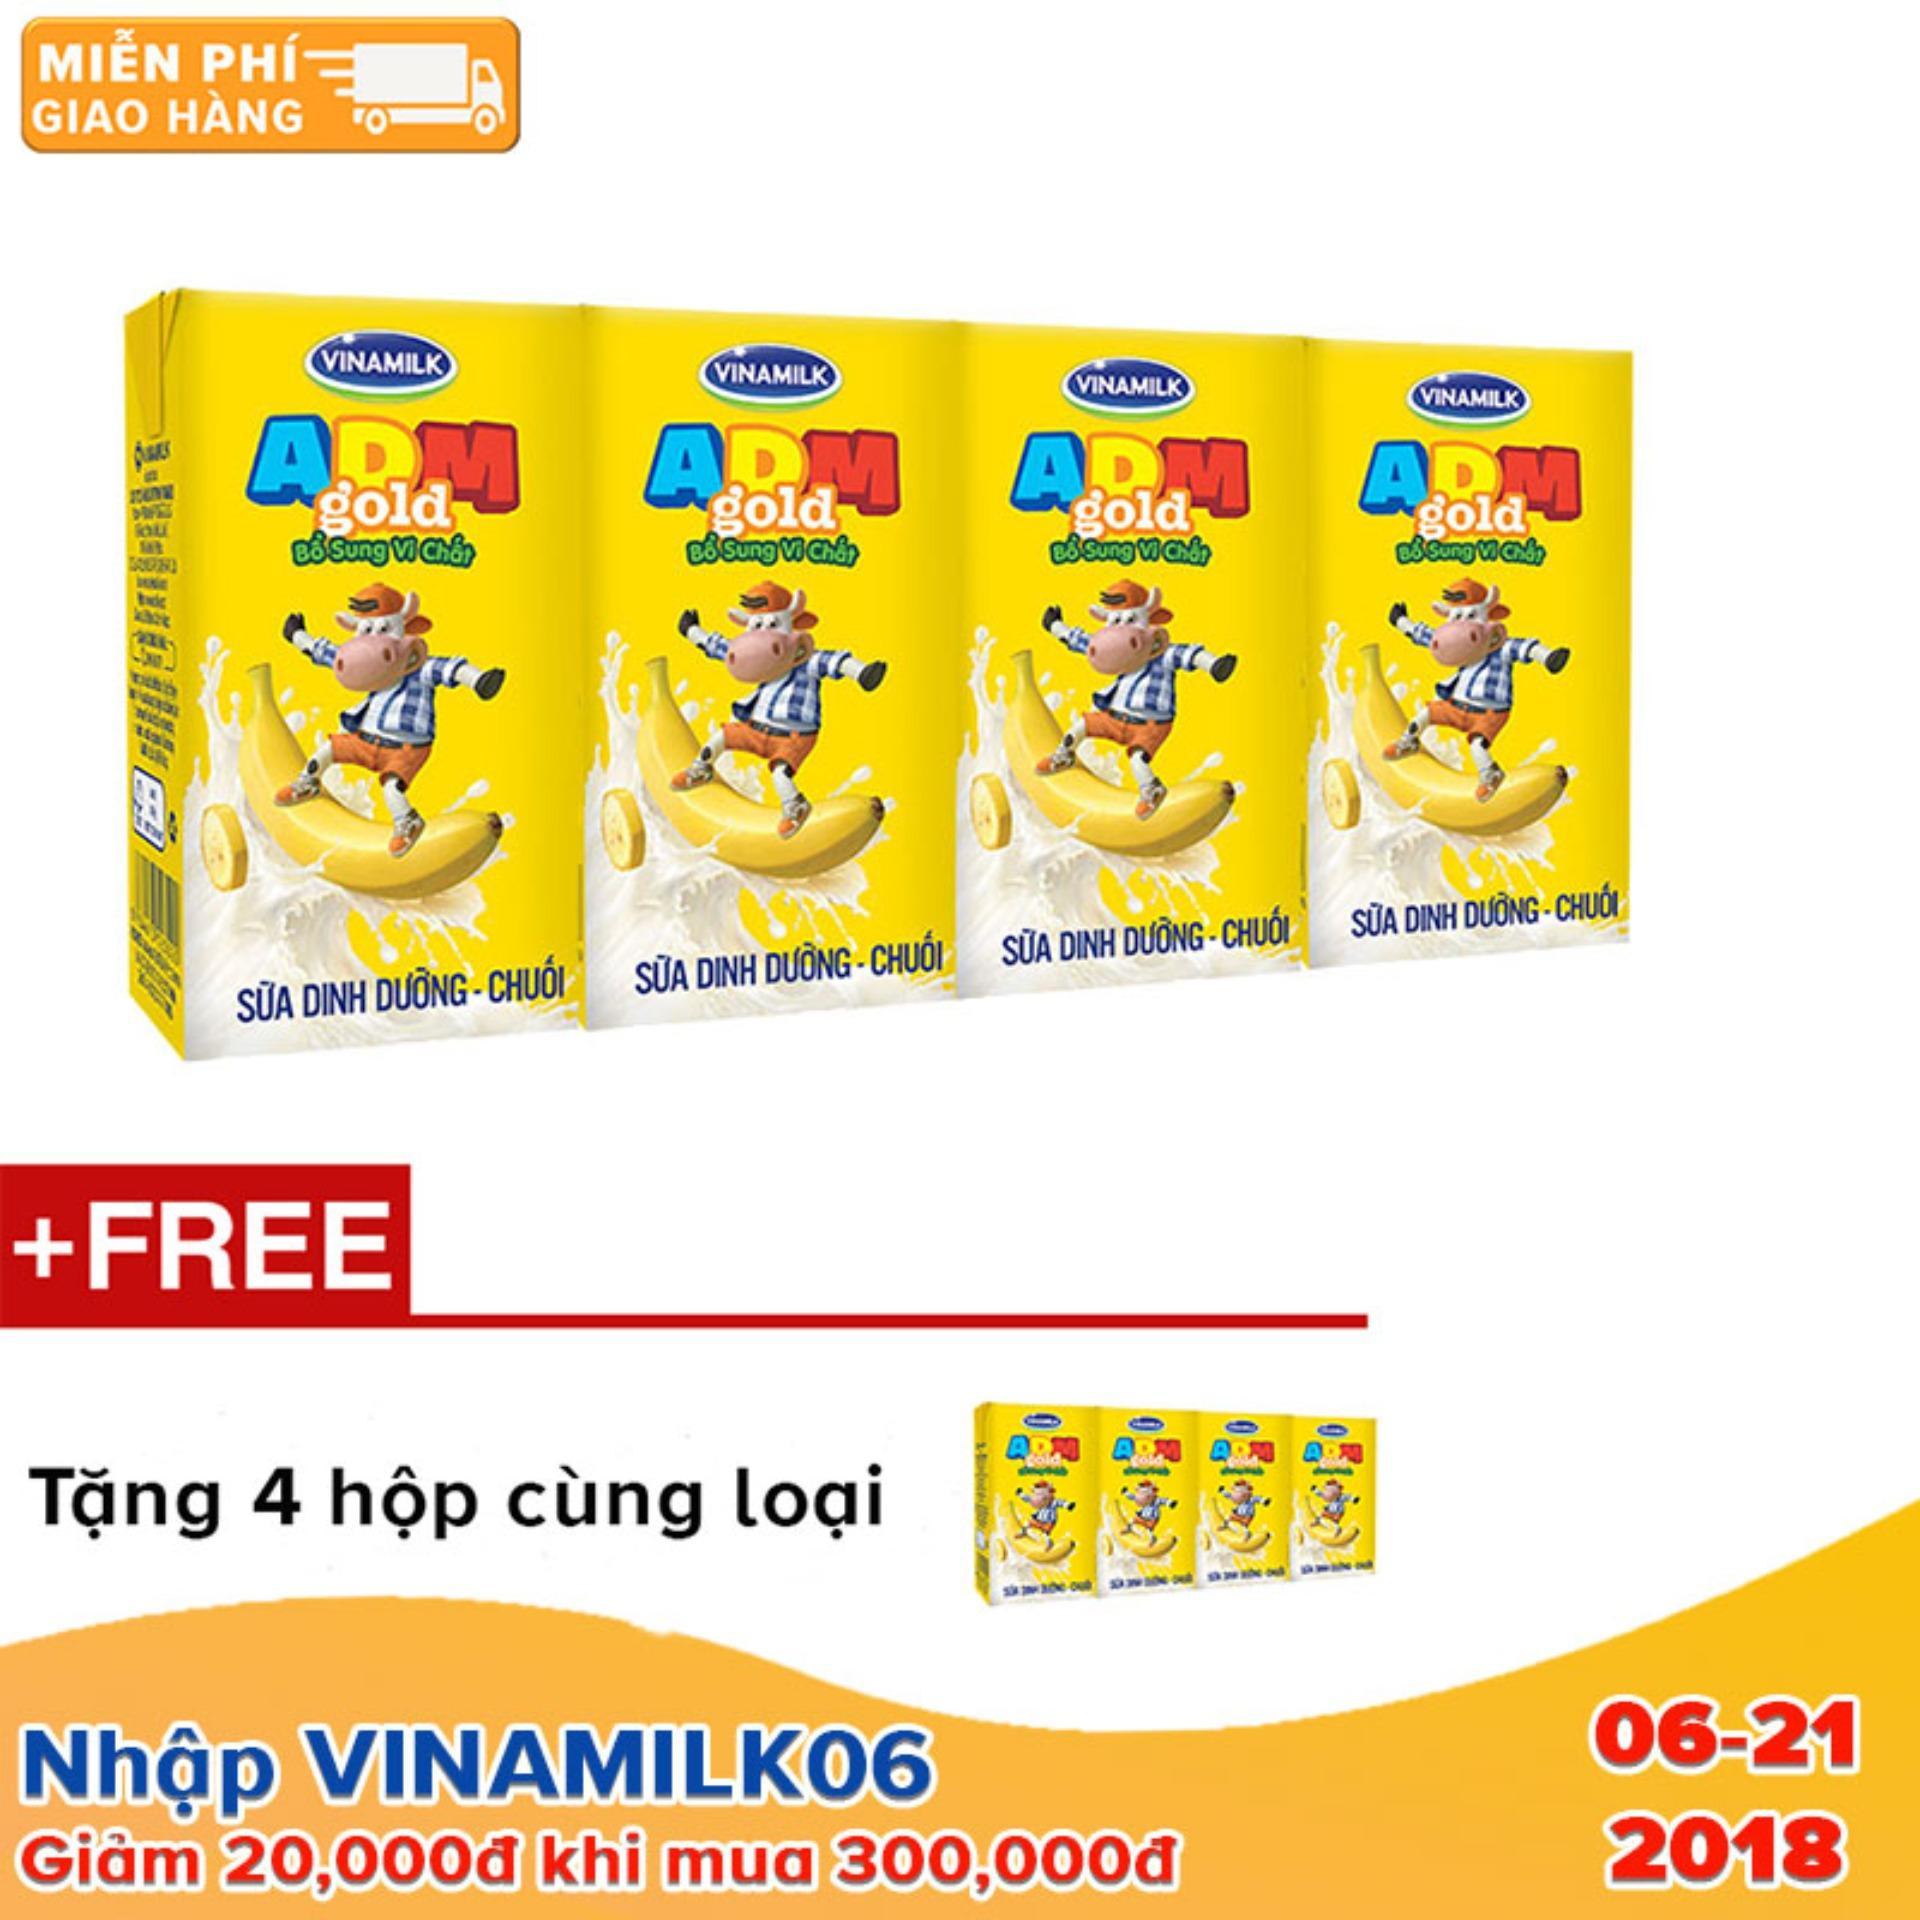 Thùng 48 hộp Sữa dinh dưỡng ADM chuối 110ml + Tặng 4 hộp cùng loại